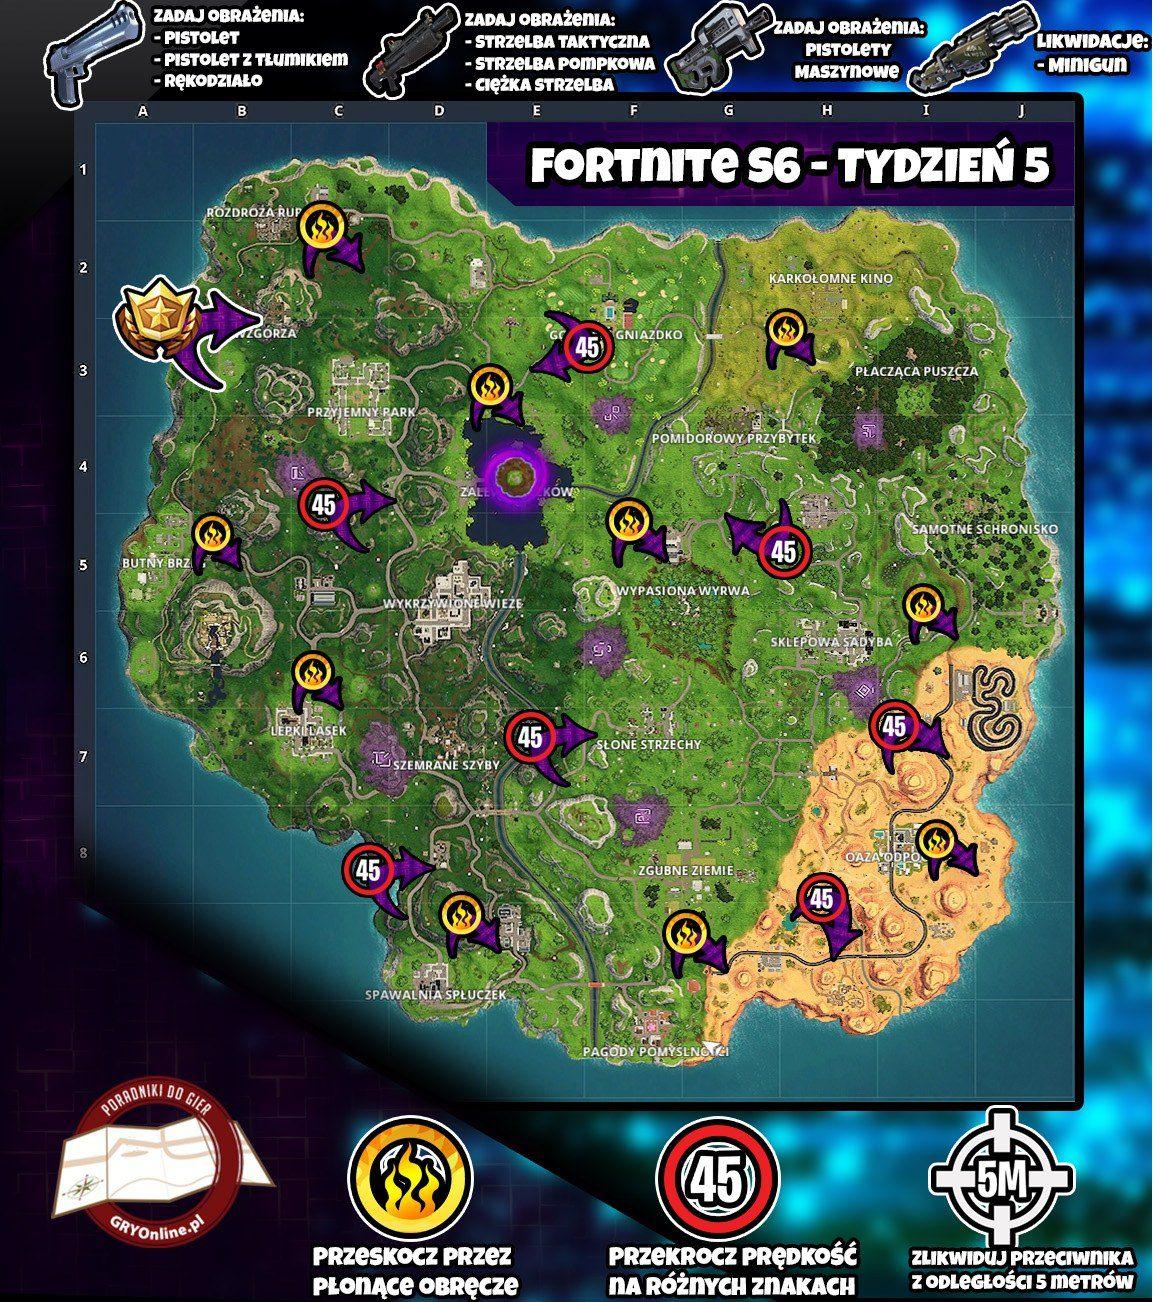 Co Nowego W Sezonie 6 Tydzień 5 W Fortnite Battle Royale Fortnite